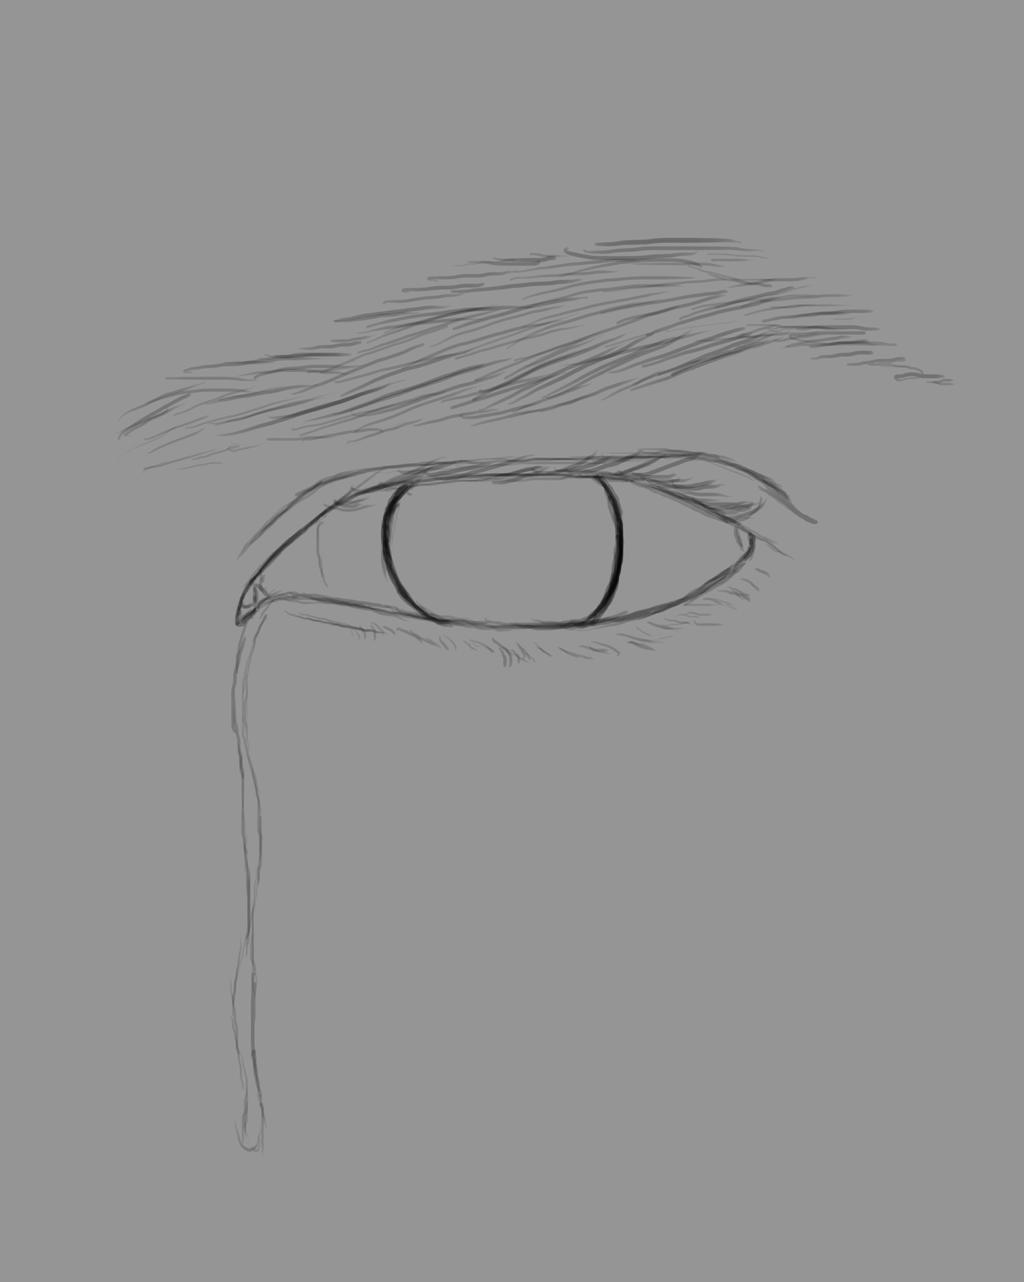 Crying Eye Daily sketch #540 by GothicVampireFreak